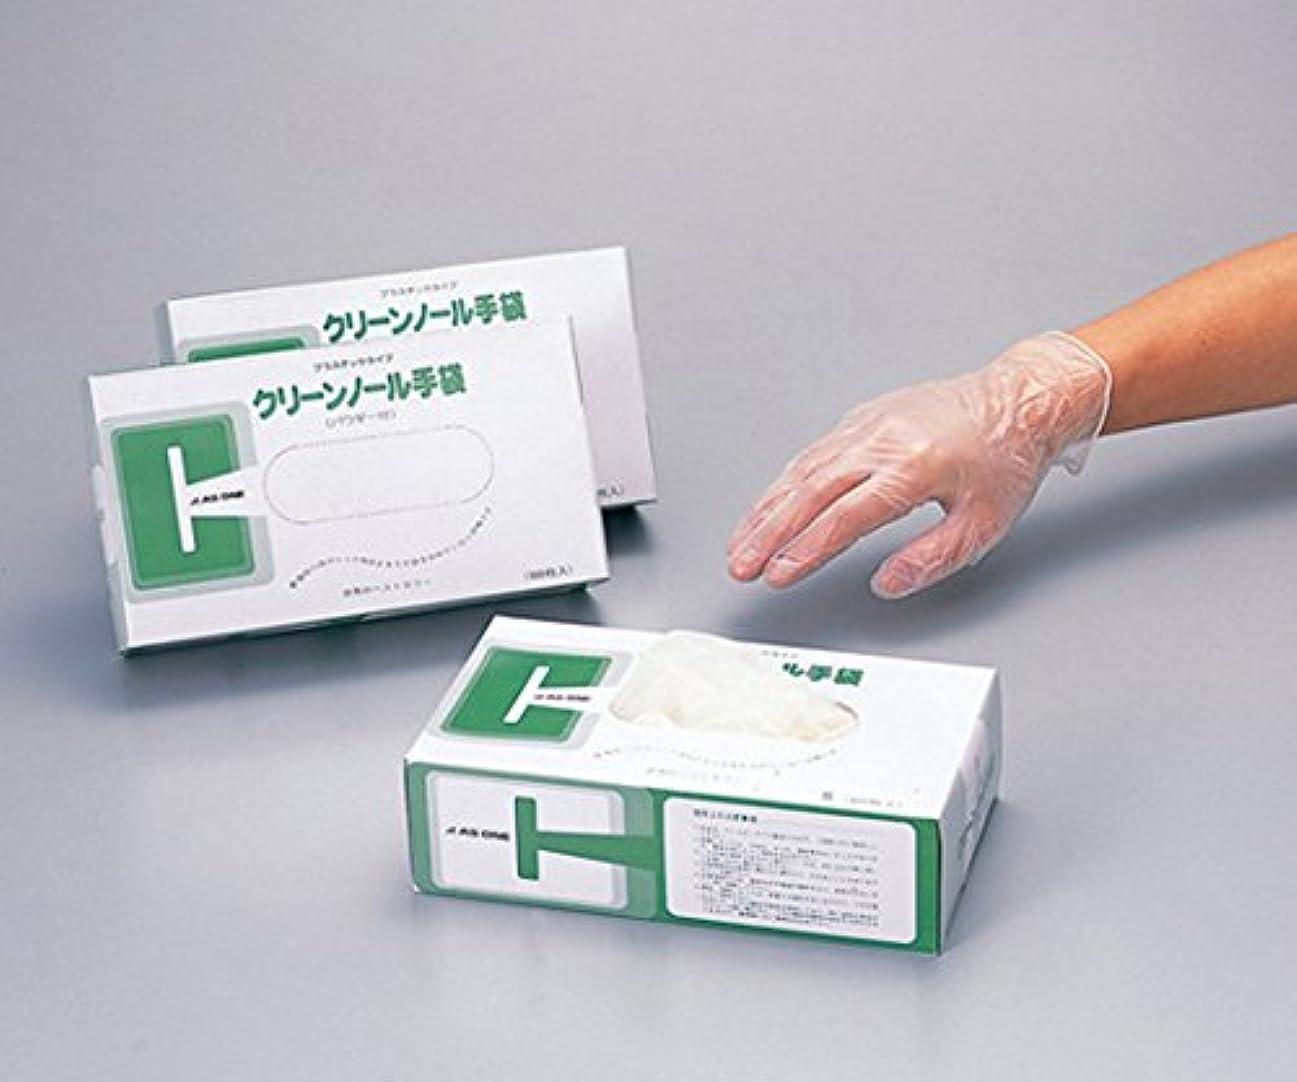 キャリアひどく素晴らしいですアズワン6-903-13クリーンノール手袋PVCパウダー付S10箱(1000枚入)